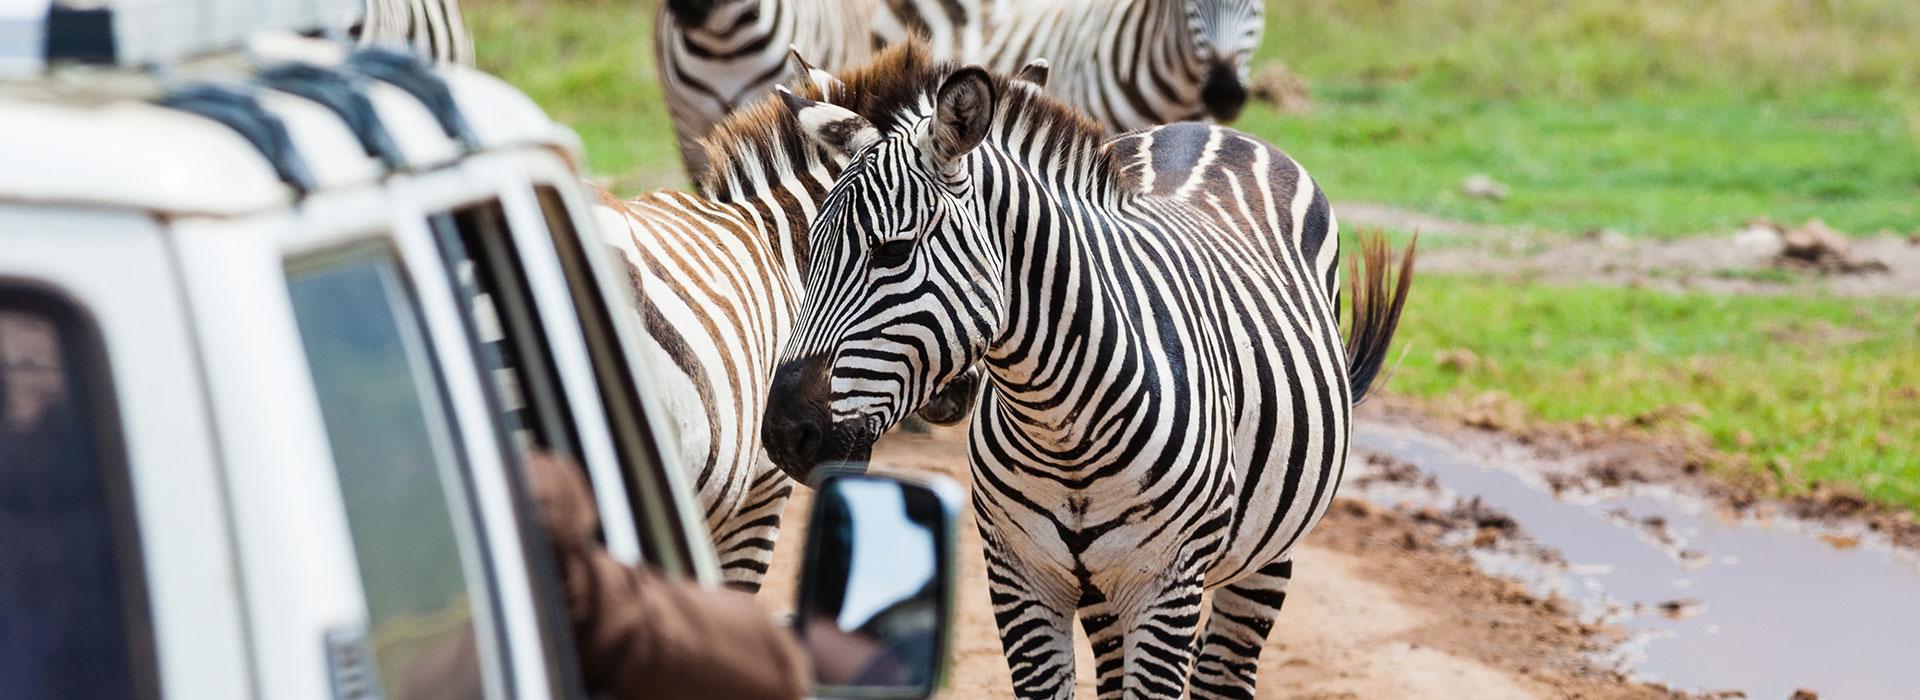 4 Days Explore Kenya & Tanzania Safari